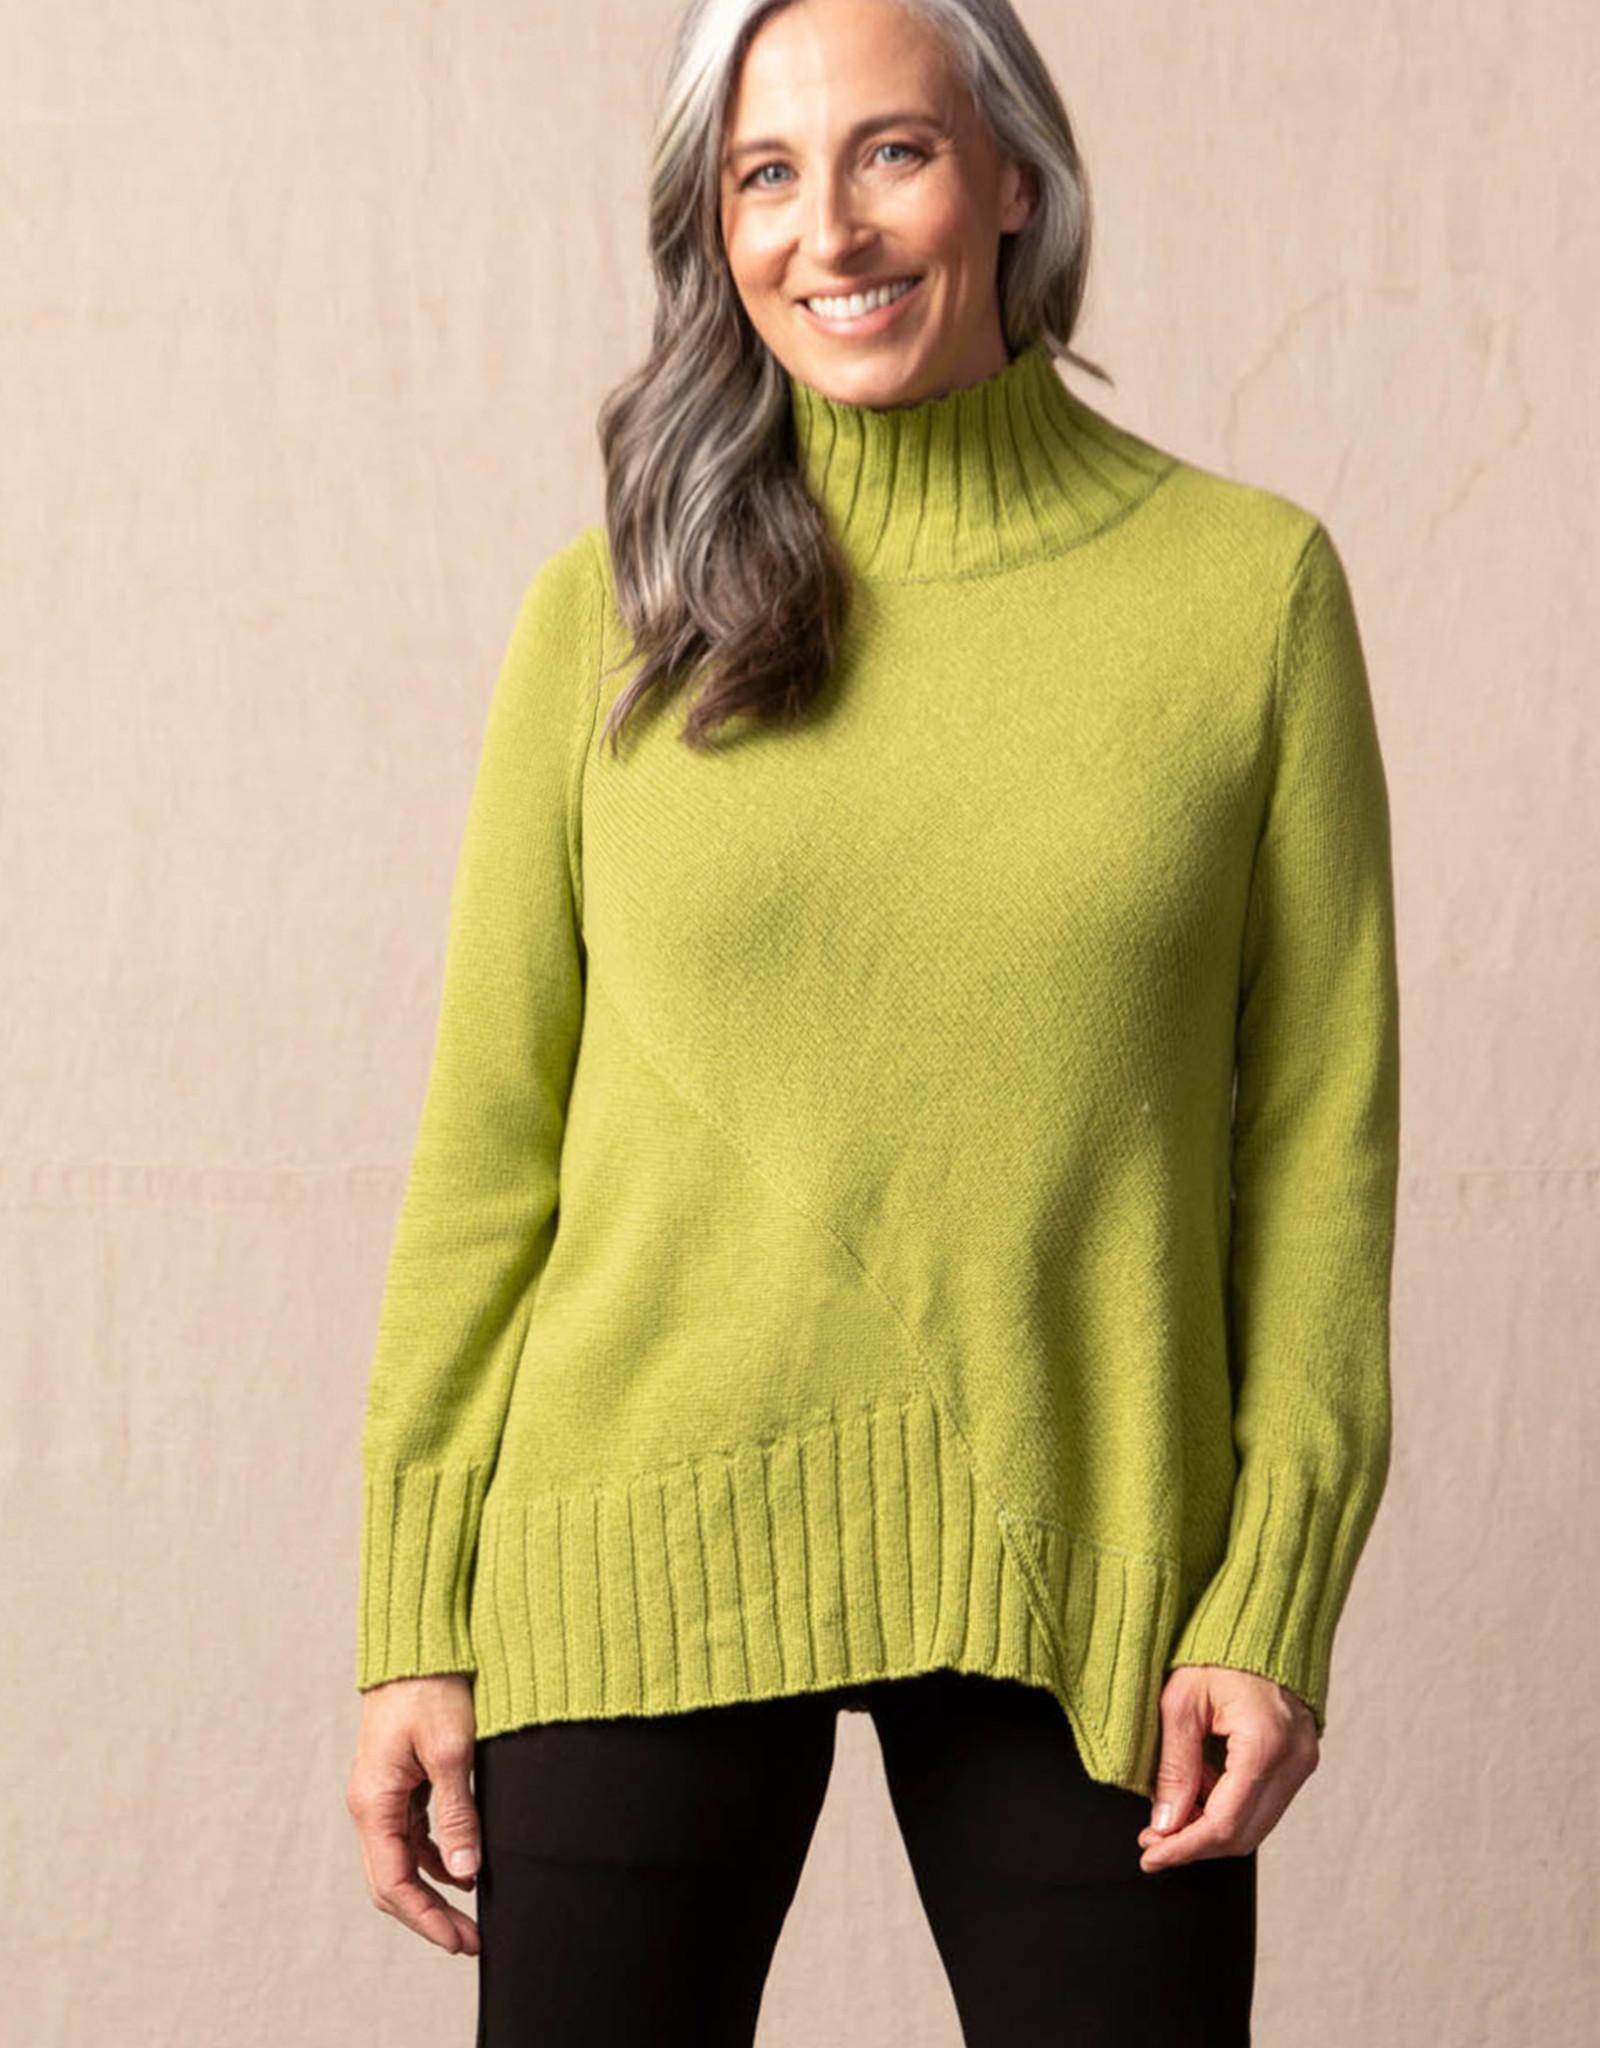 Habitat Asymmetrical Turtleneck Sweater